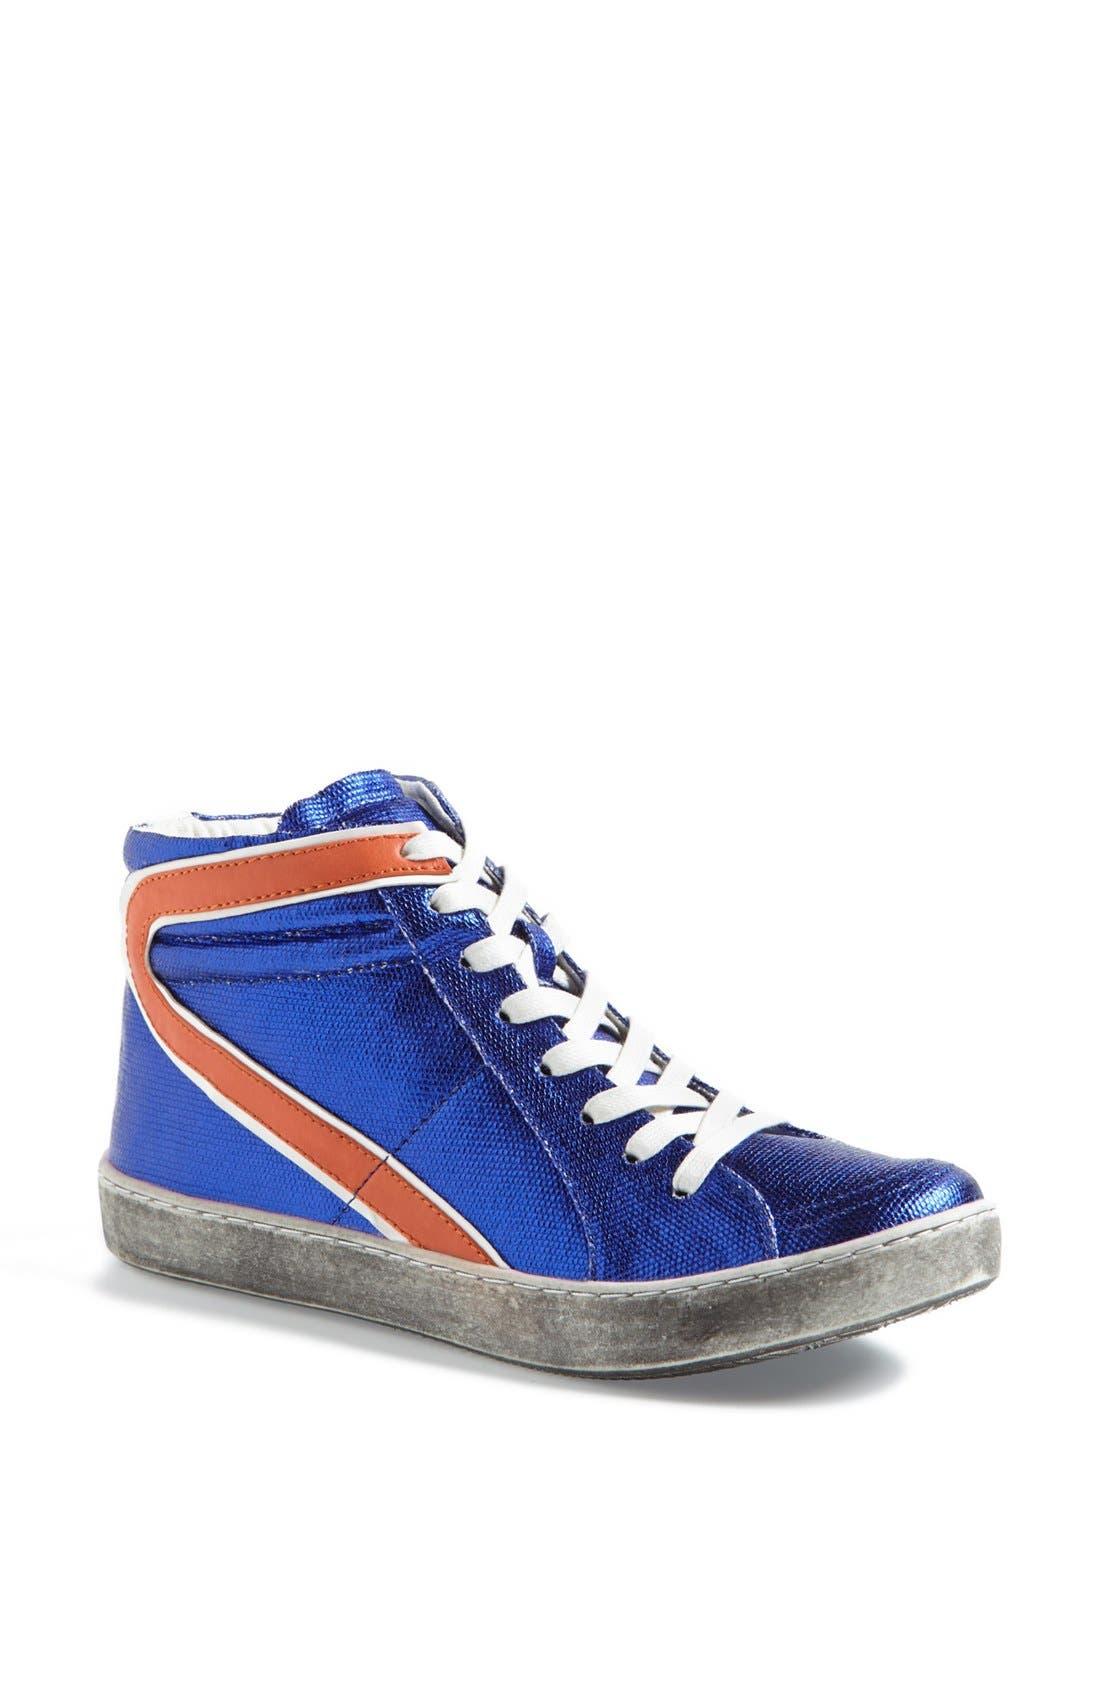 Alternate Image 1 Selected - Matisse 'Ascot Friday - Alva' Sneaker